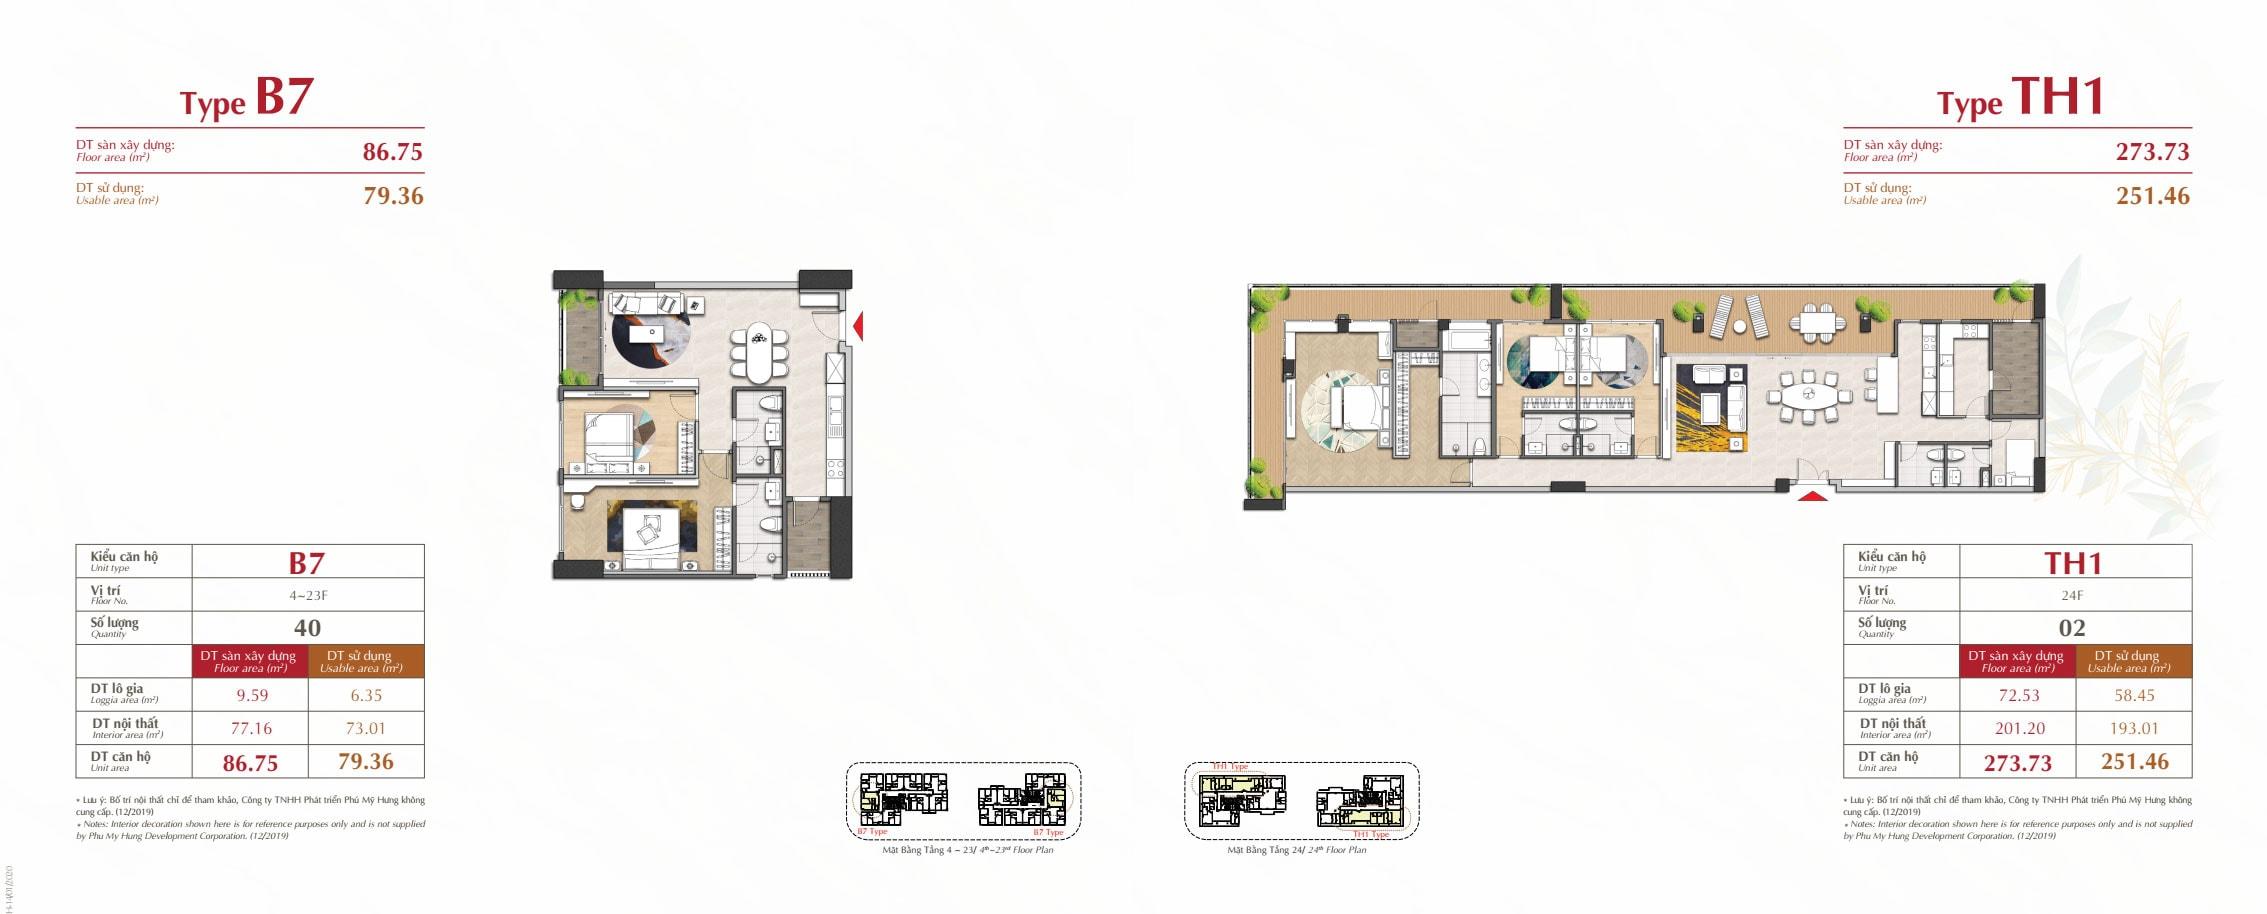 Kiểu nhà type b7 và th1 dự án Antonia Phú Mỹ Hưng